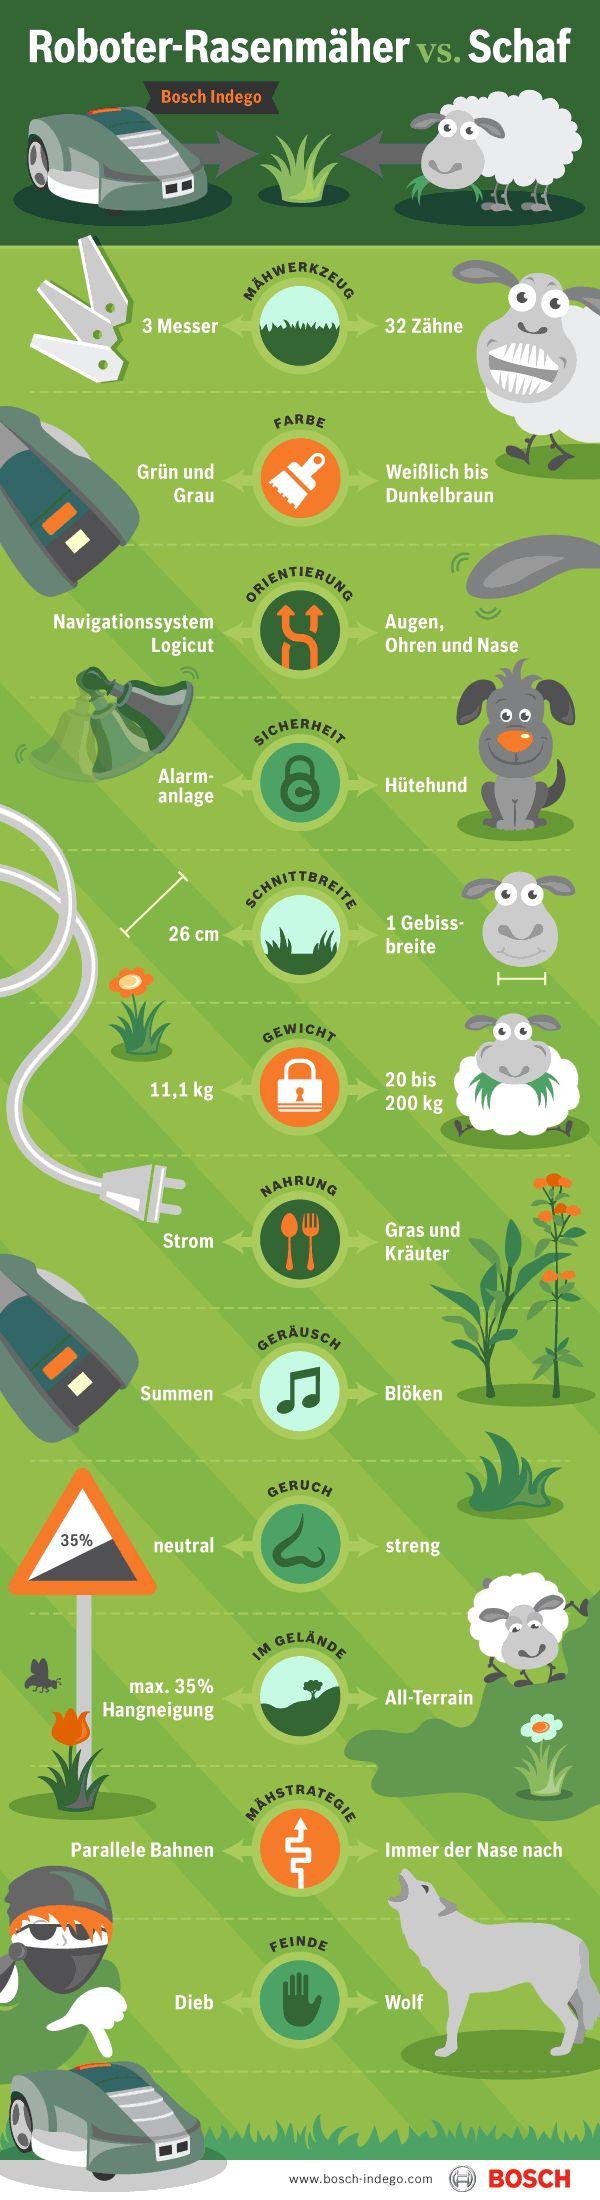 Roboter-Rasenmäher Bosch Indego